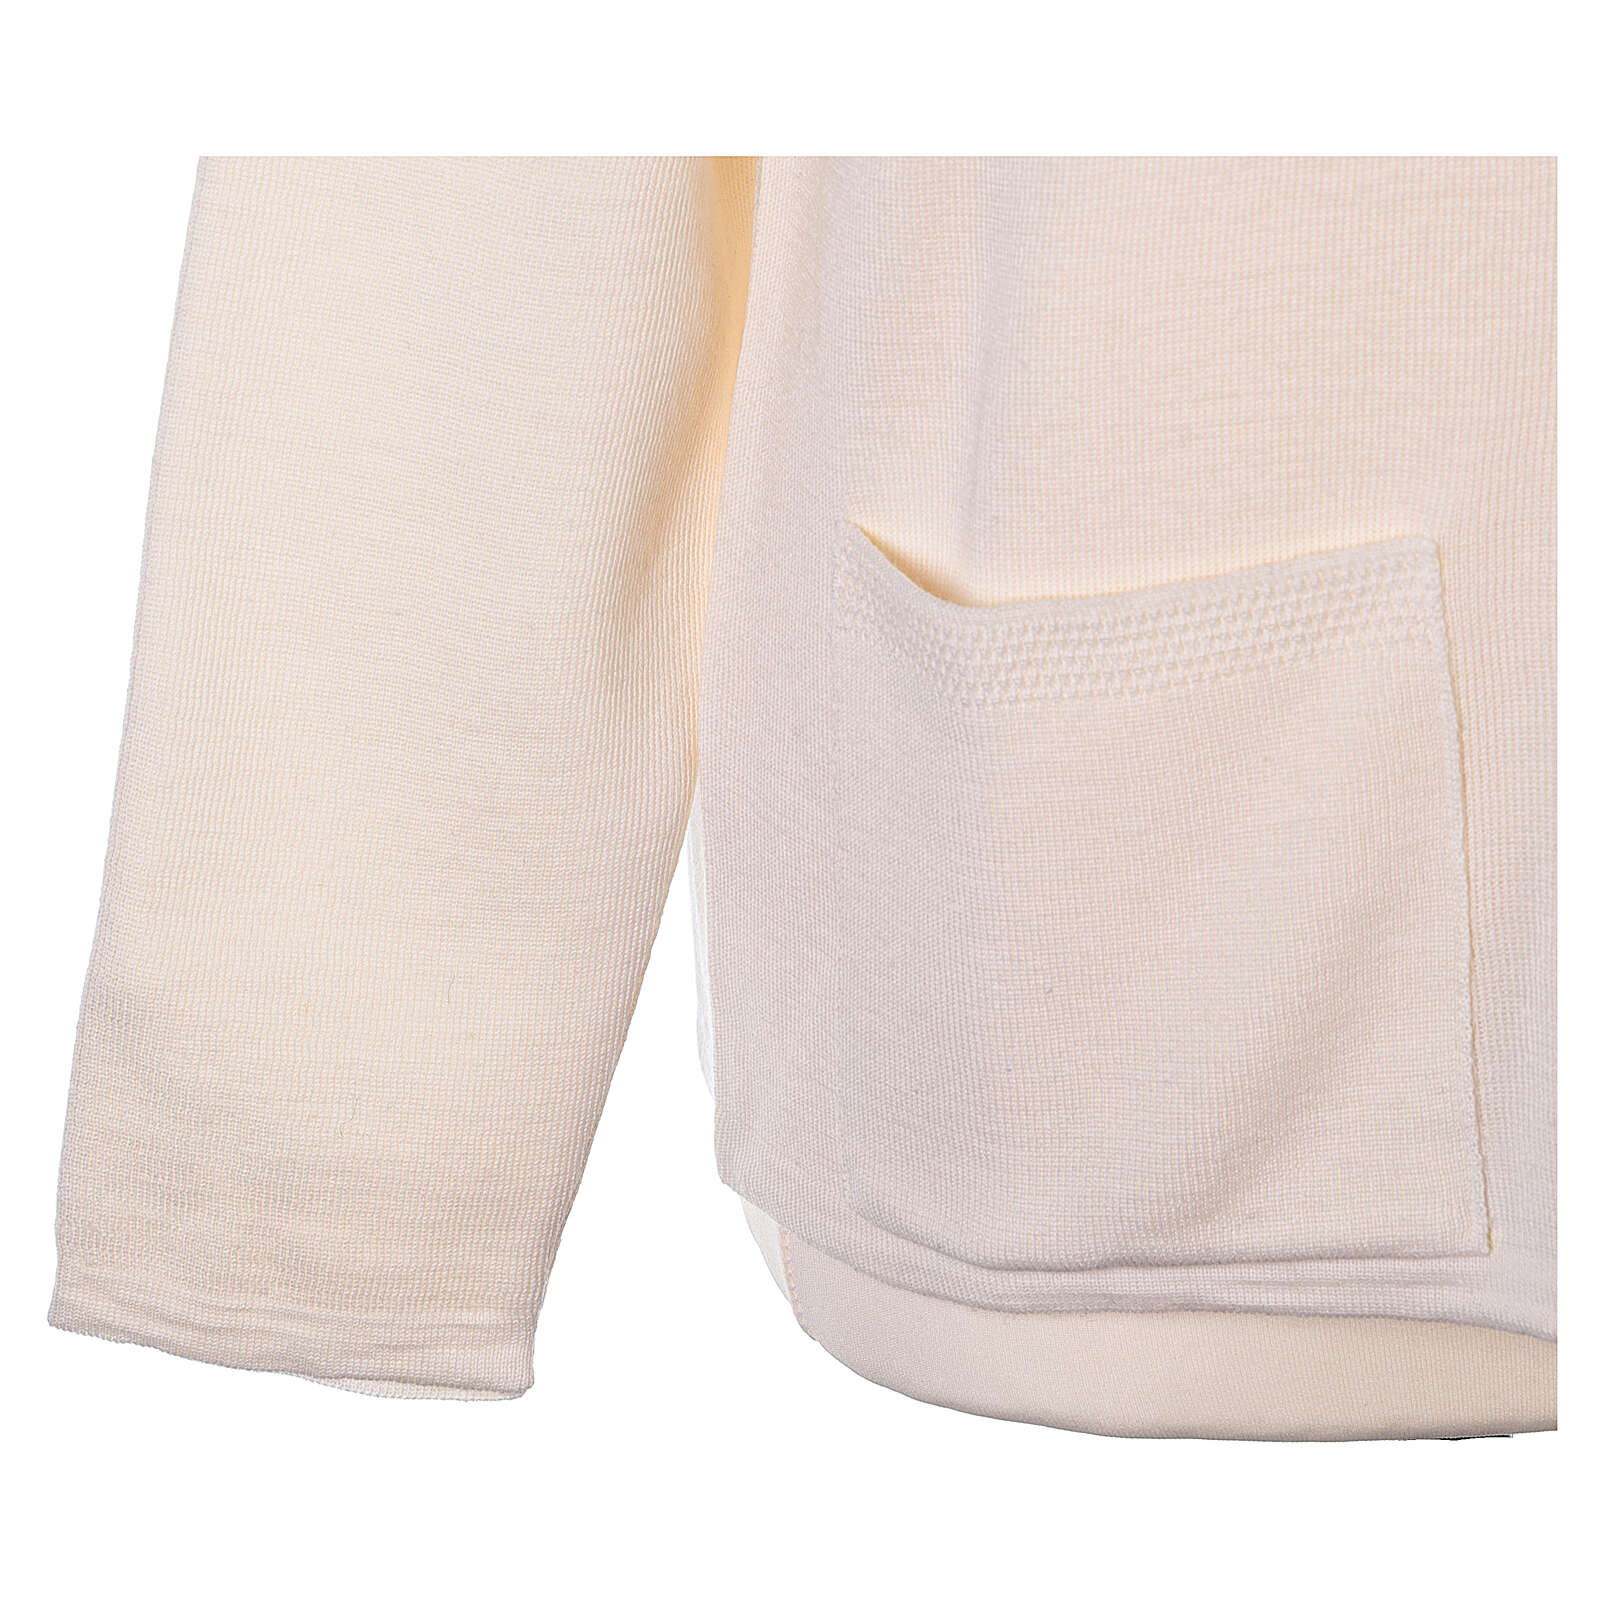 Cardigan soeur blanc ras du cou poches jersey 50% acrylique 50% laine mérinos In Primis 4